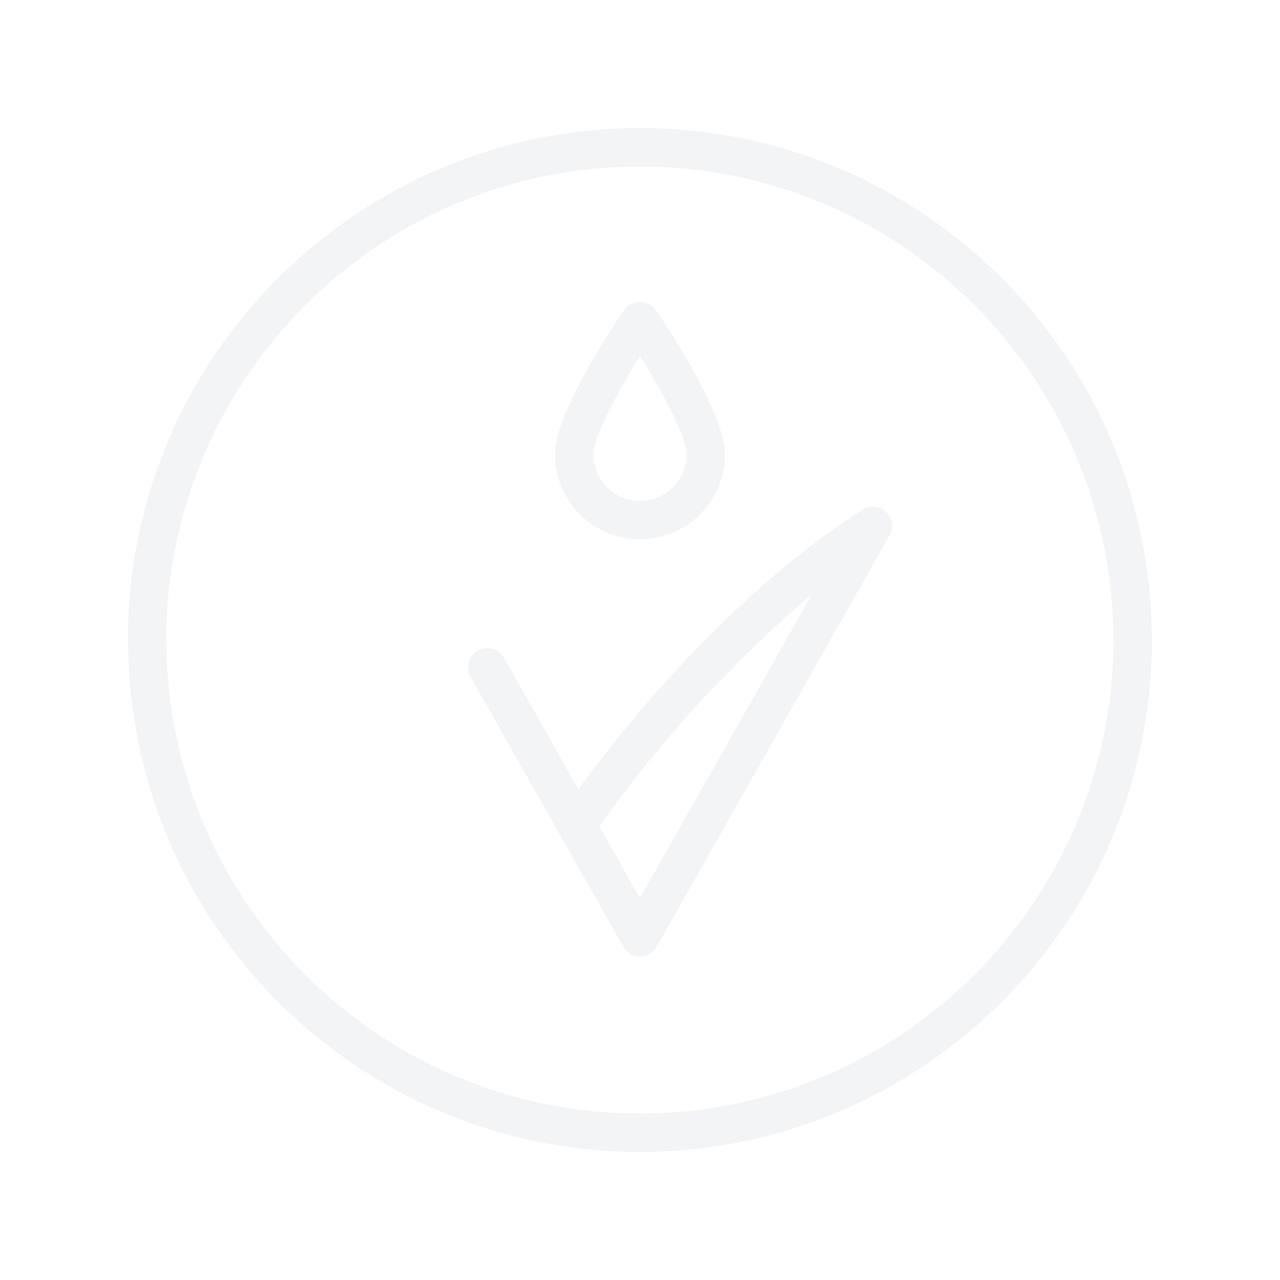 Maybelline Affinitone Powder No.24 Golden Beige 9g